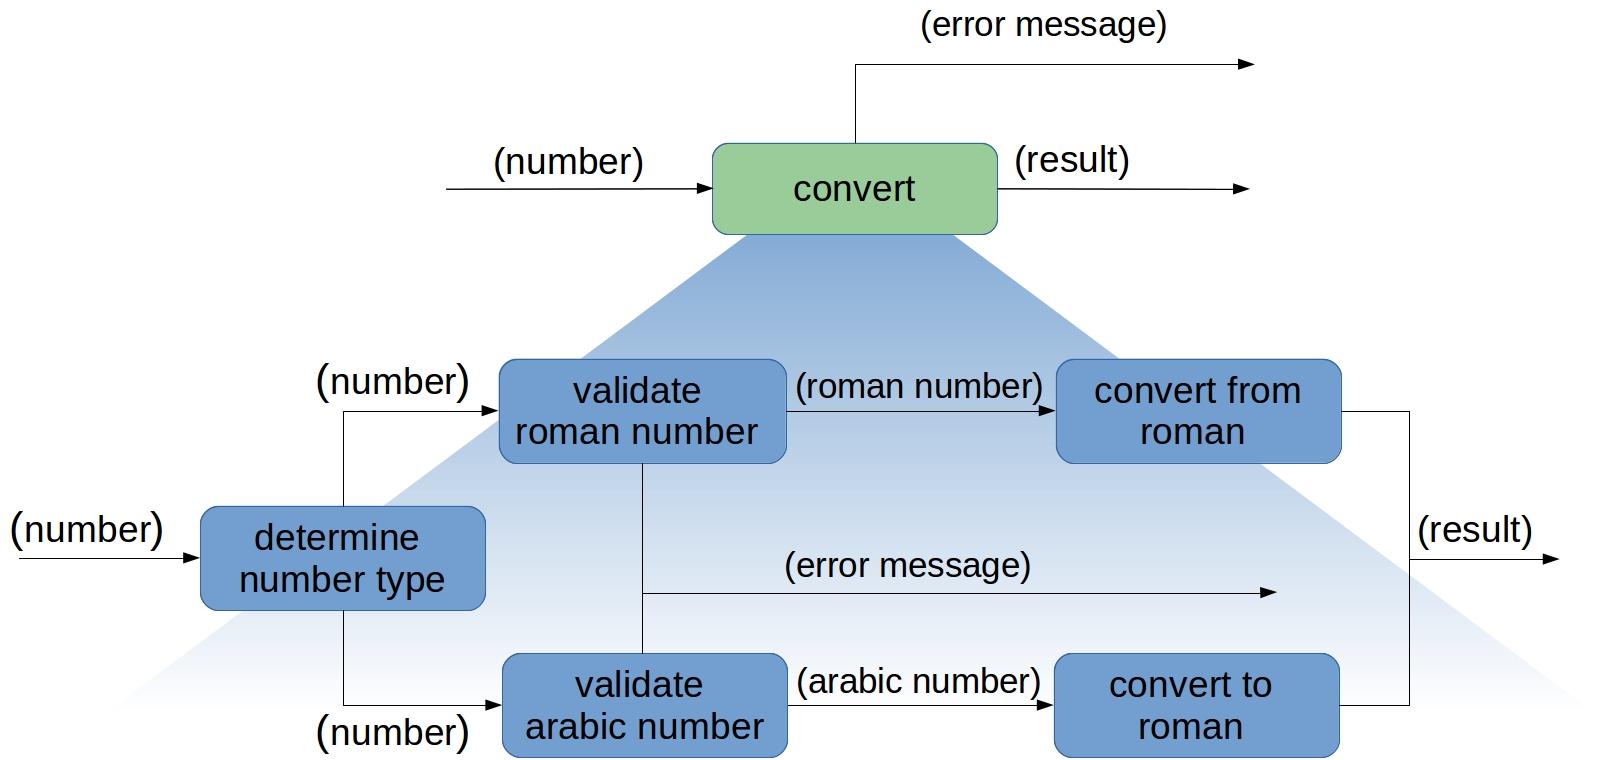 Funktionseinheit convert. (Abb. 4)